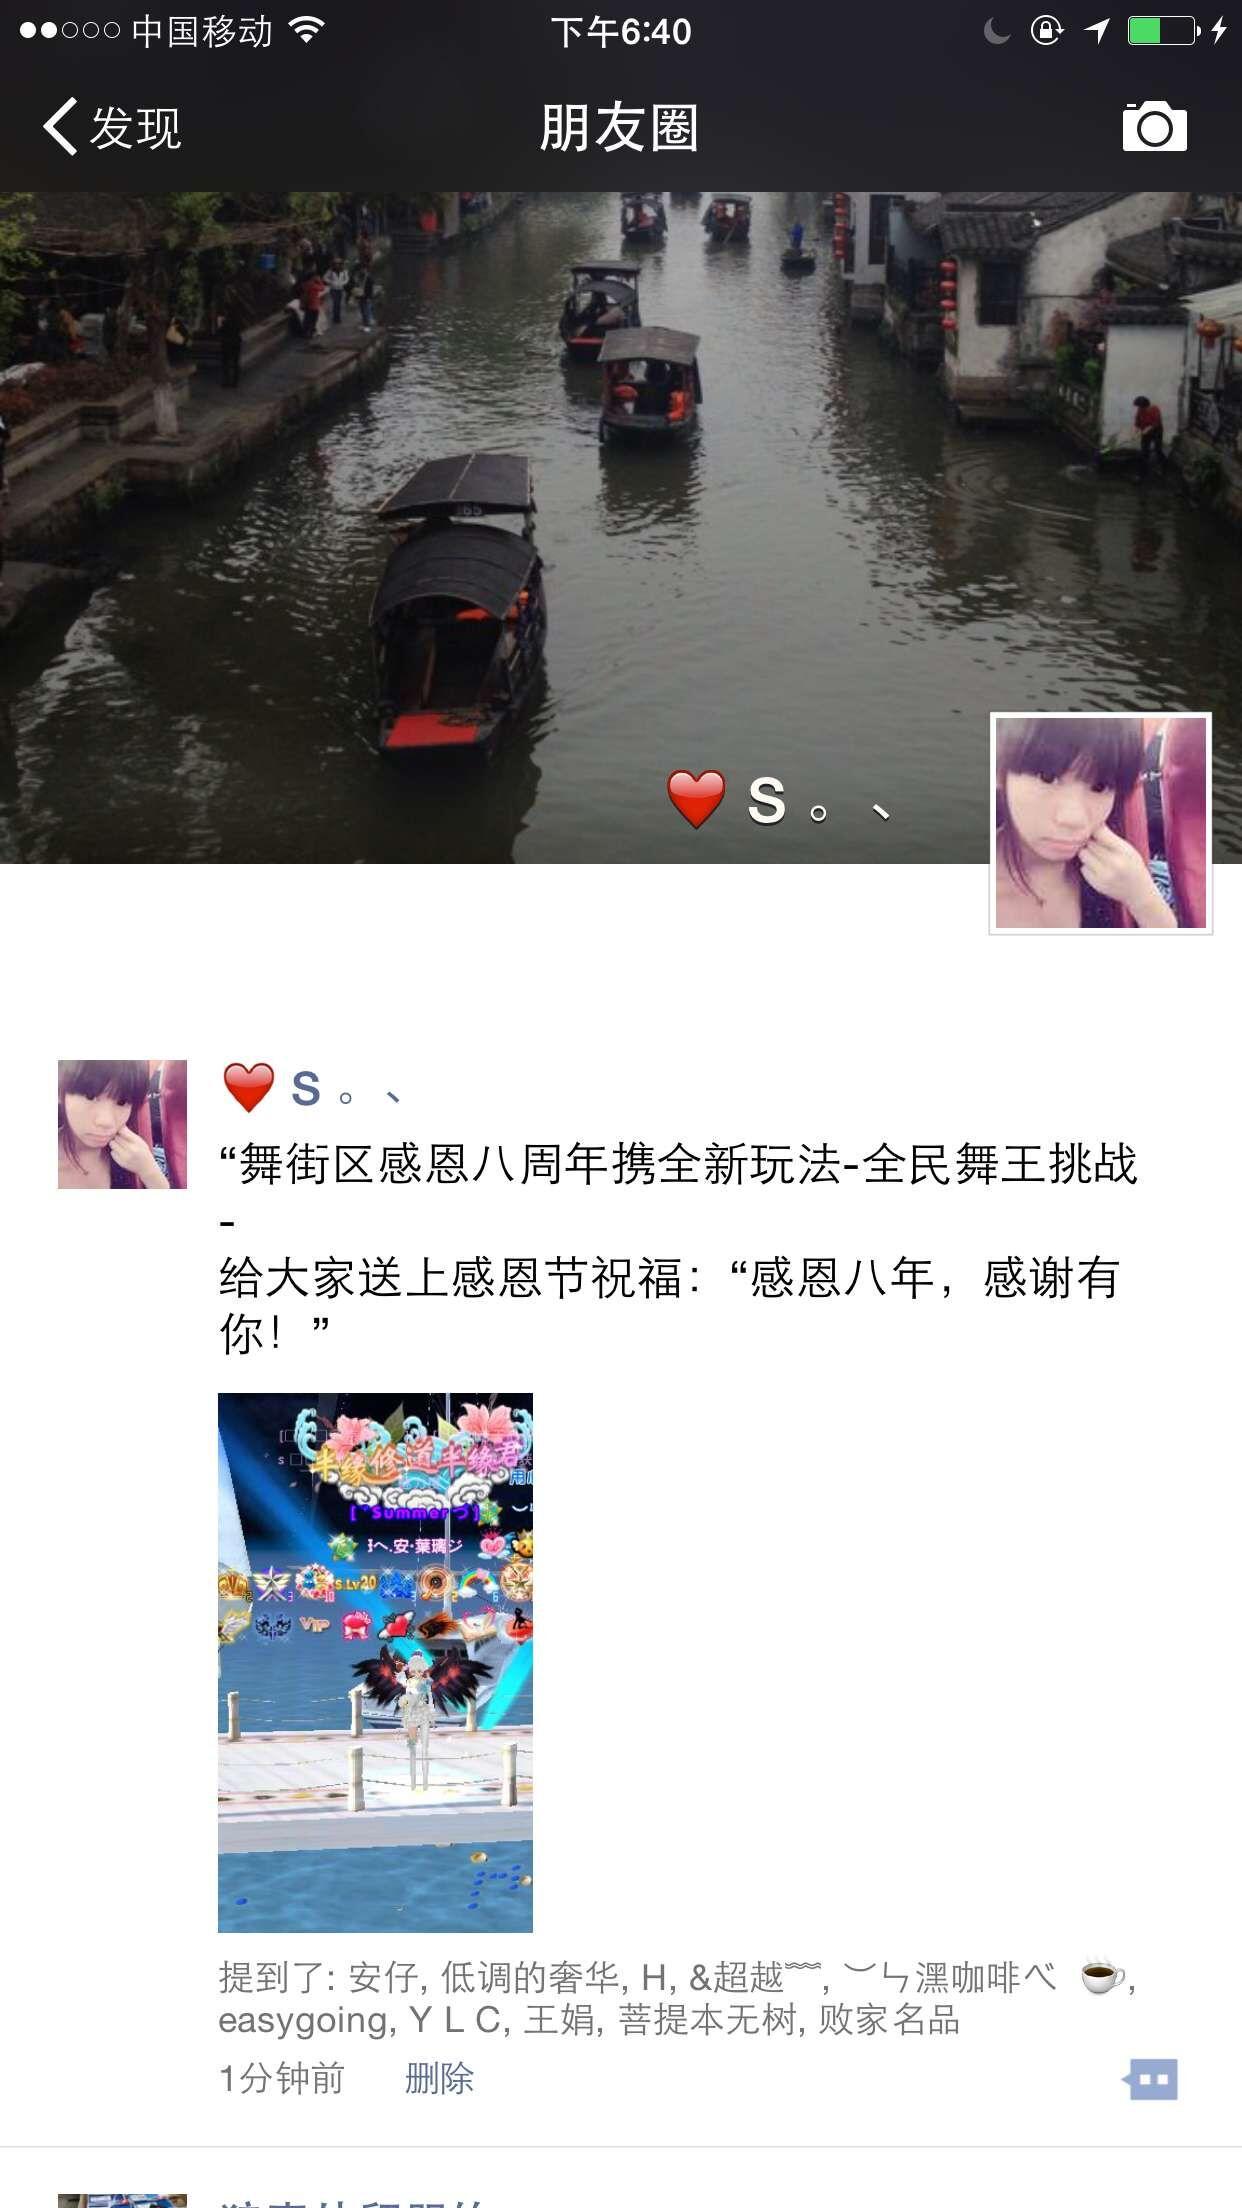 QQ图片20151120184320.jpg